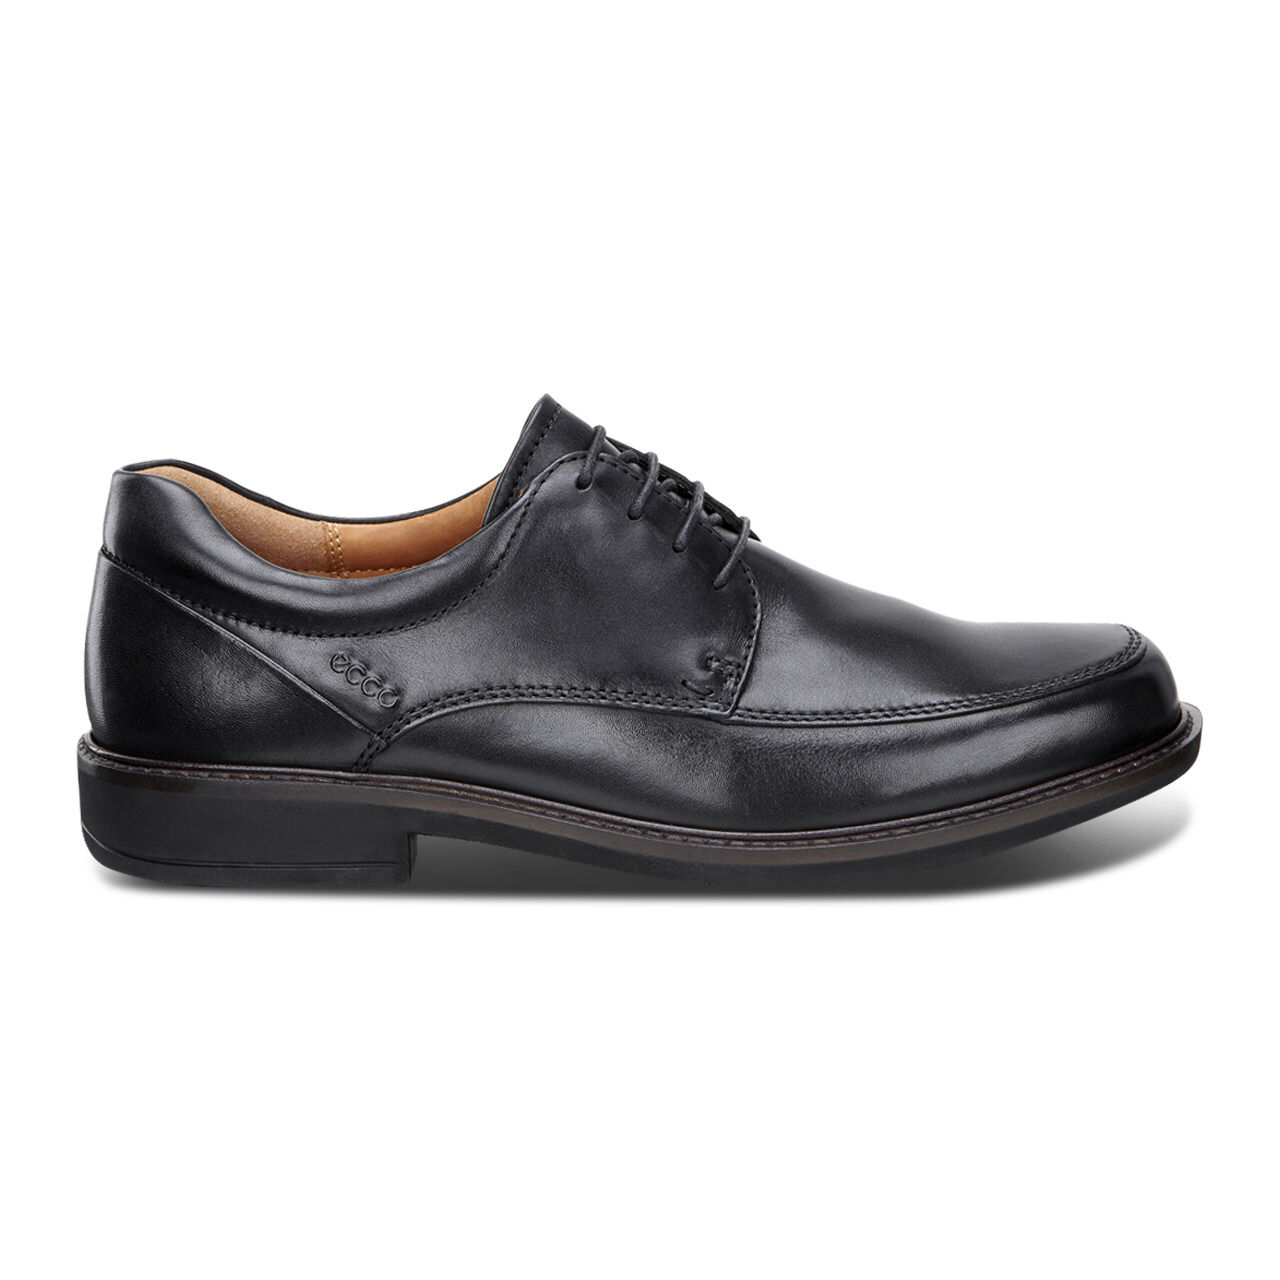 에코 ECCO Holton Apron Toe Tie,black